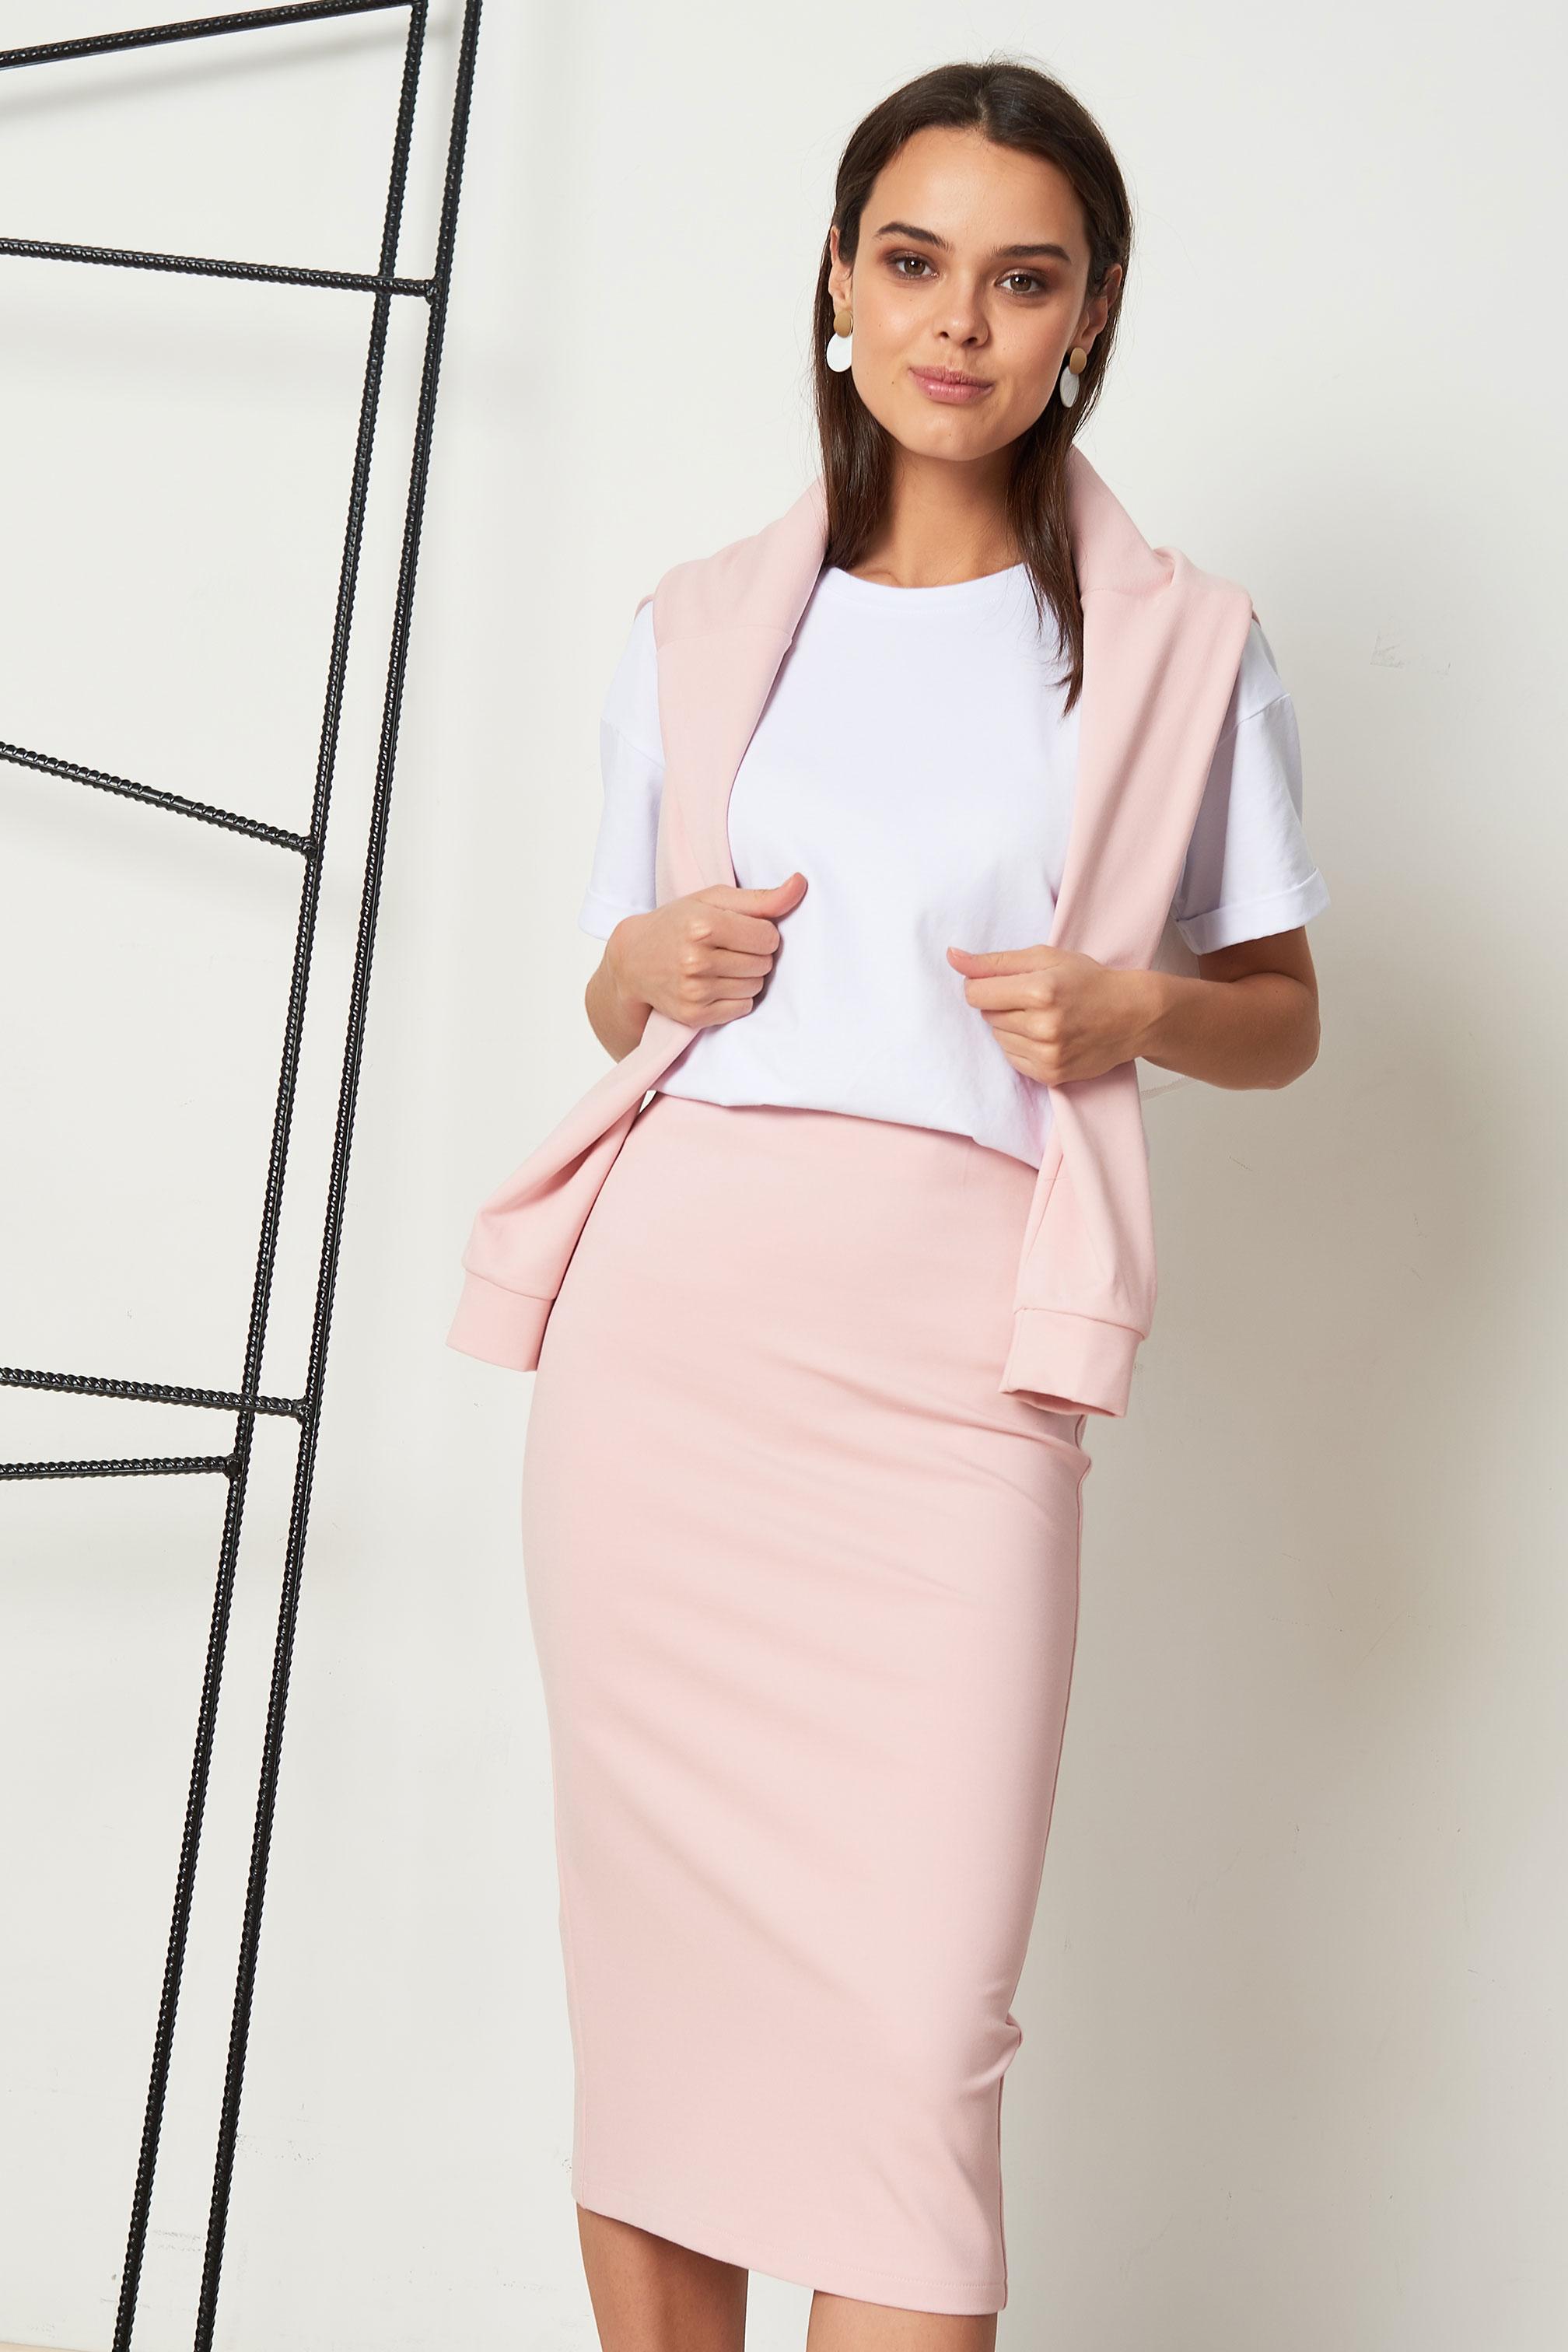 Юбка женская Viaville Лолита розовая 48 RU фото